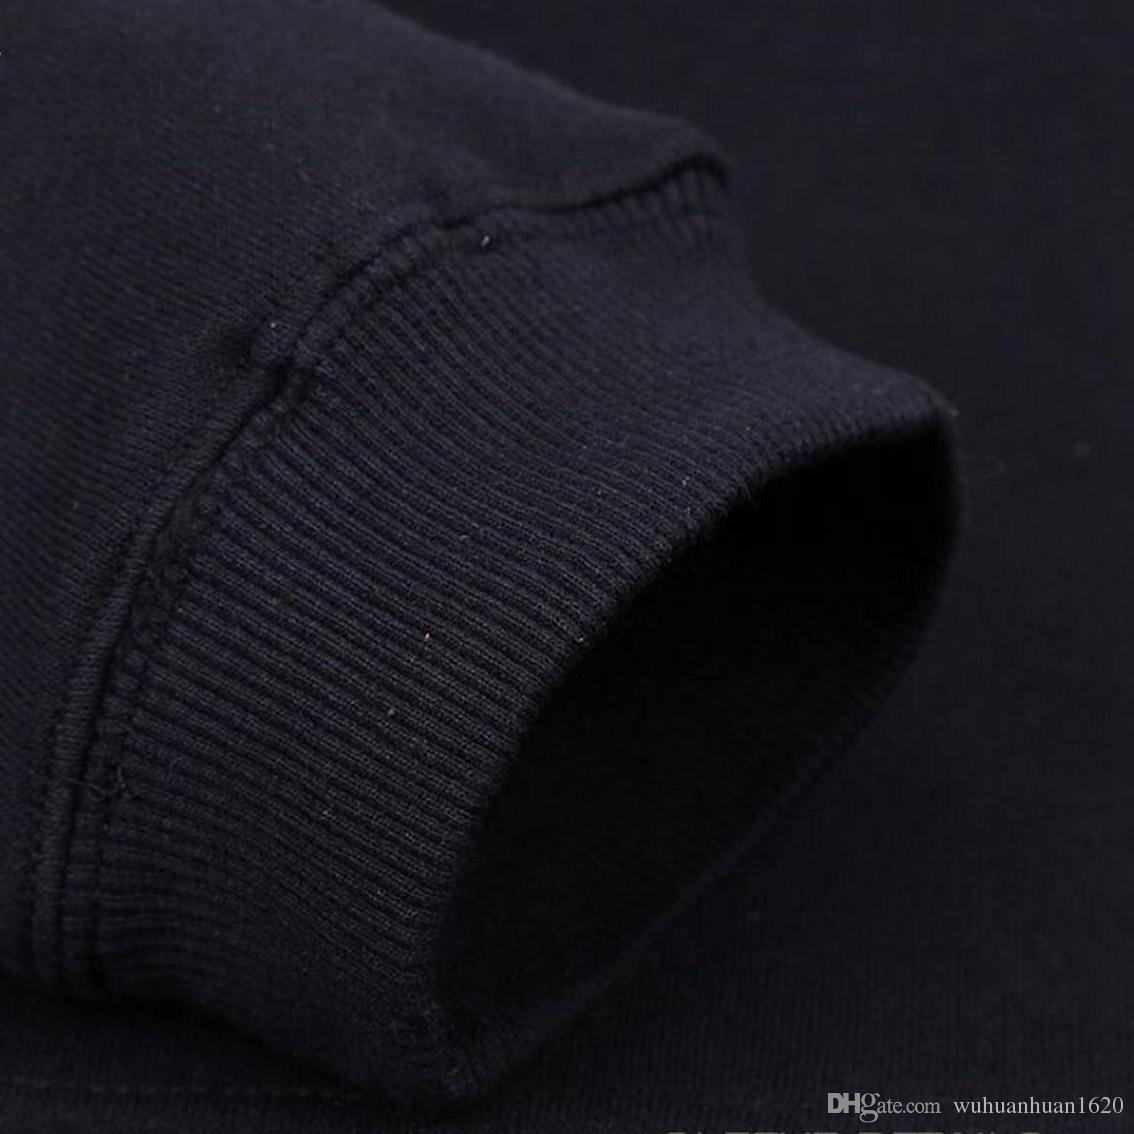 Hoodies dos homens de algodão mistura de lã jogo de tronos homens moletom com capuz moletom inverno masculino casual está vindo hoodies homens